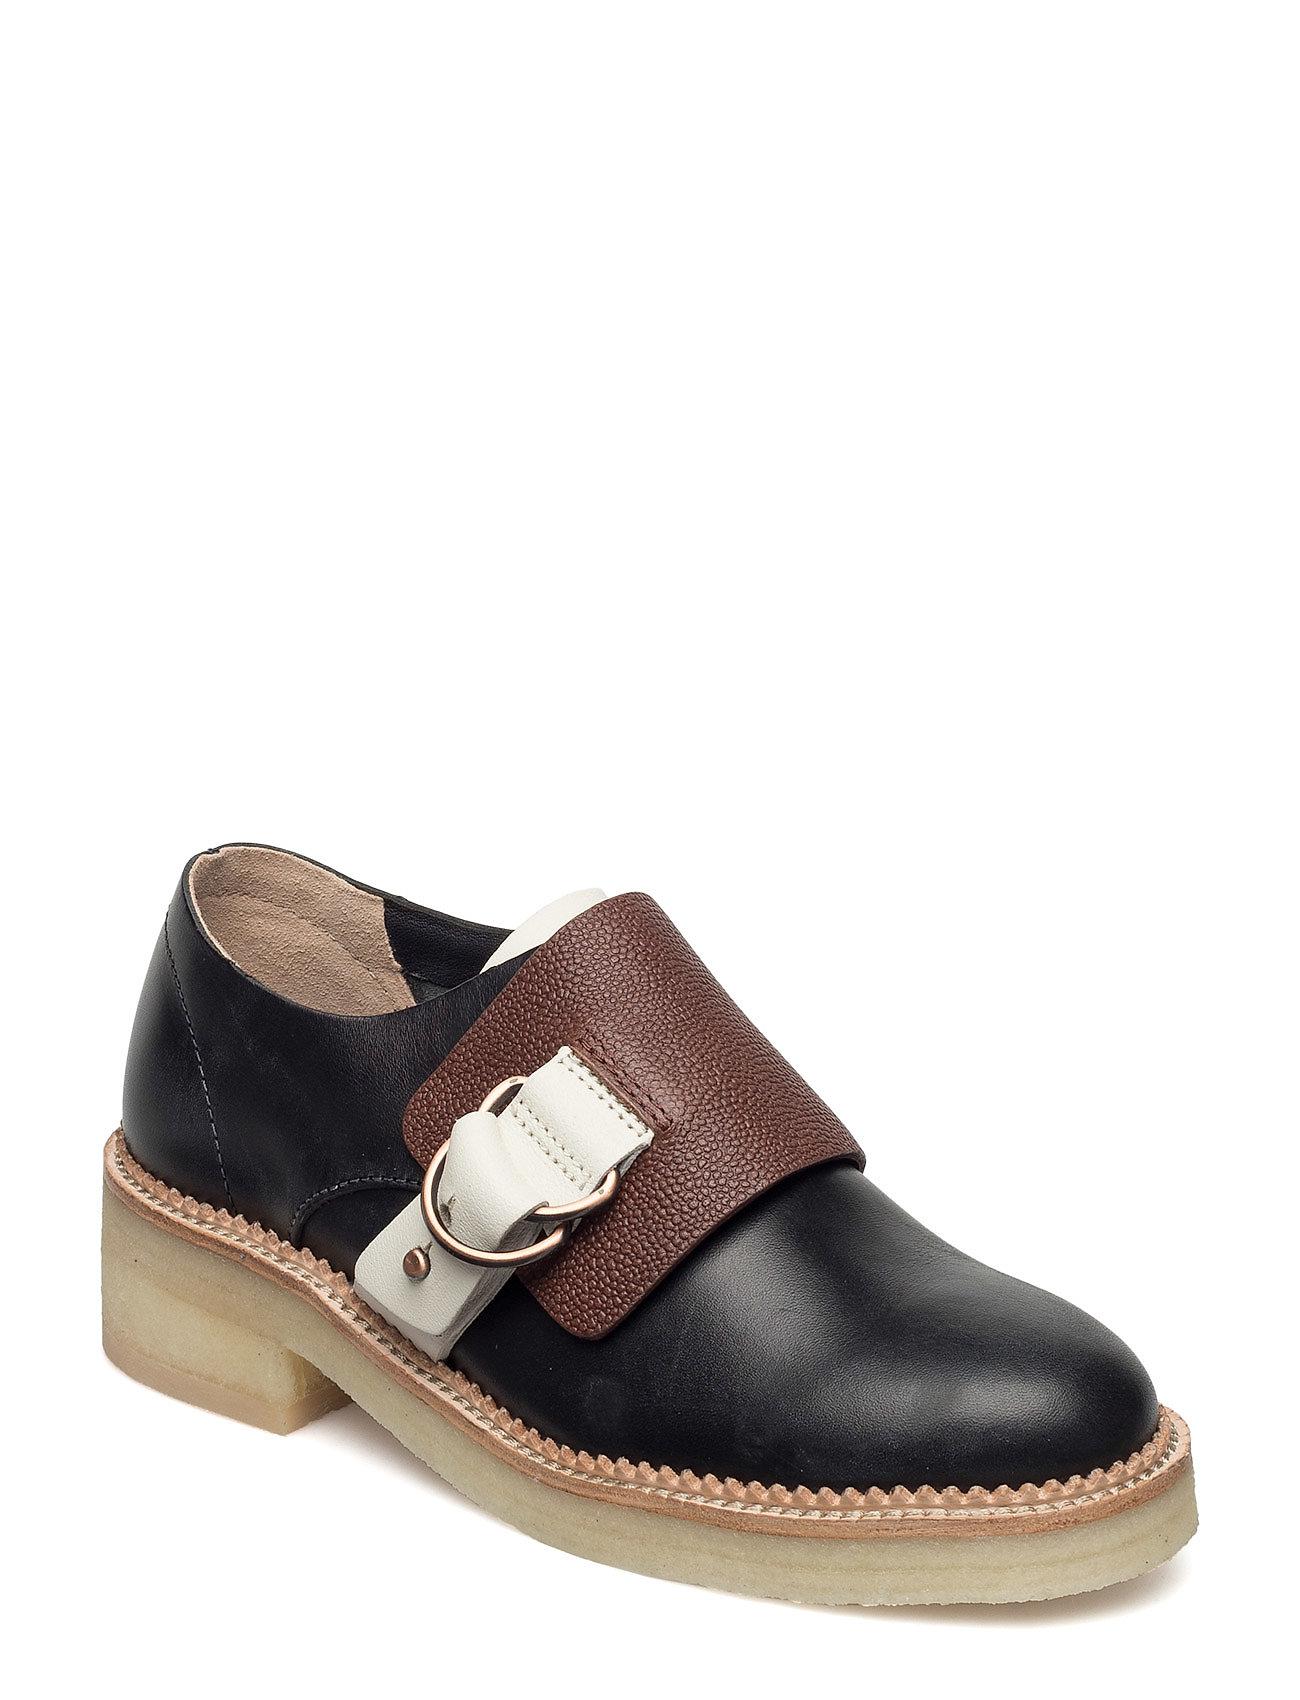 Maru Monk Clarks Flade sko til Damer i Black Combi